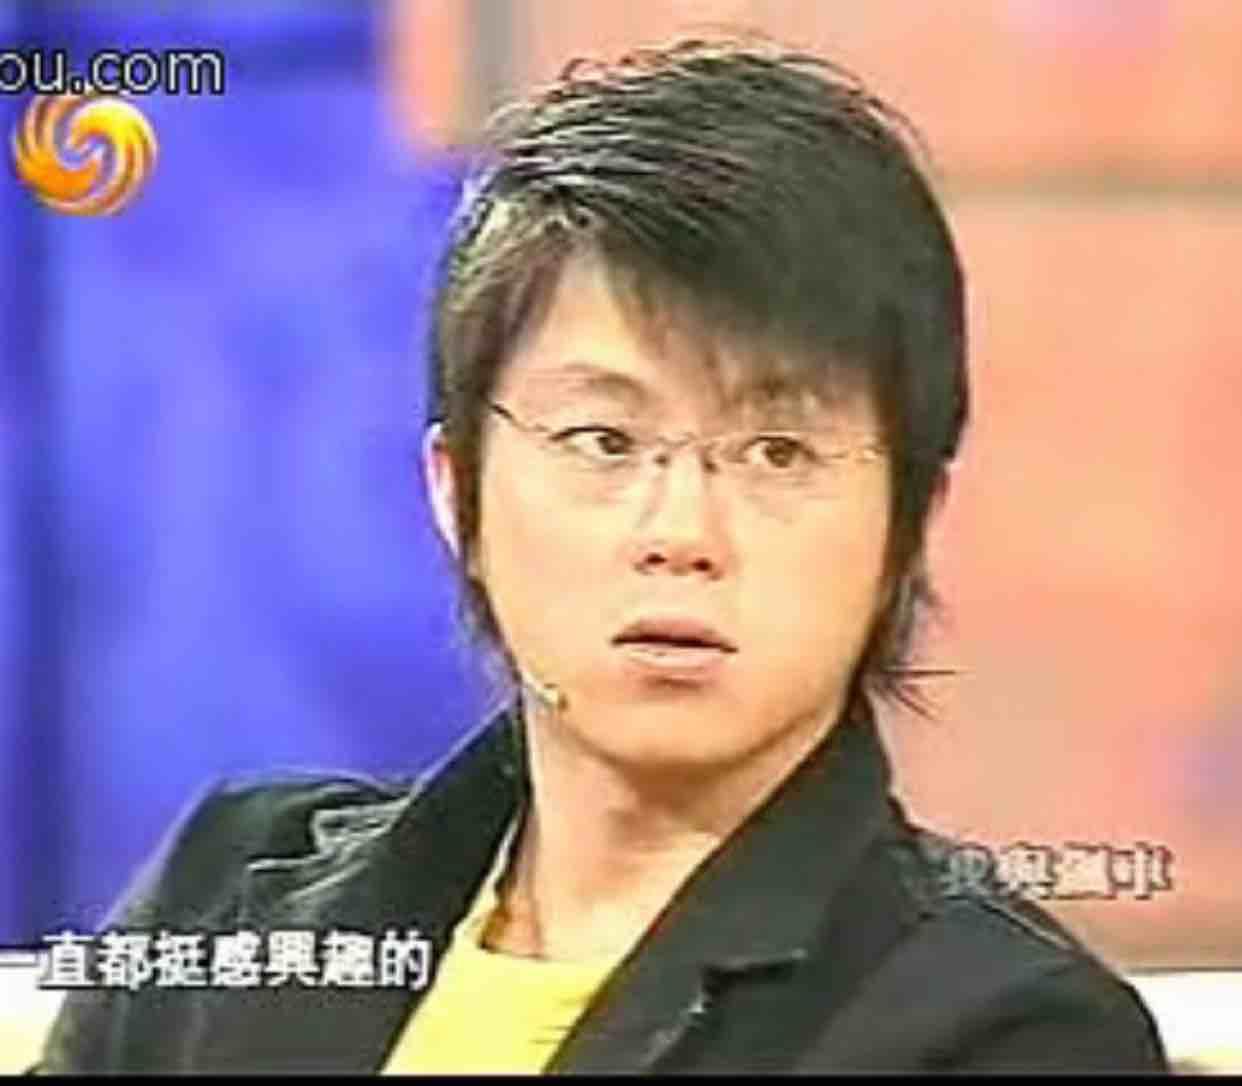 二环小鹿晗